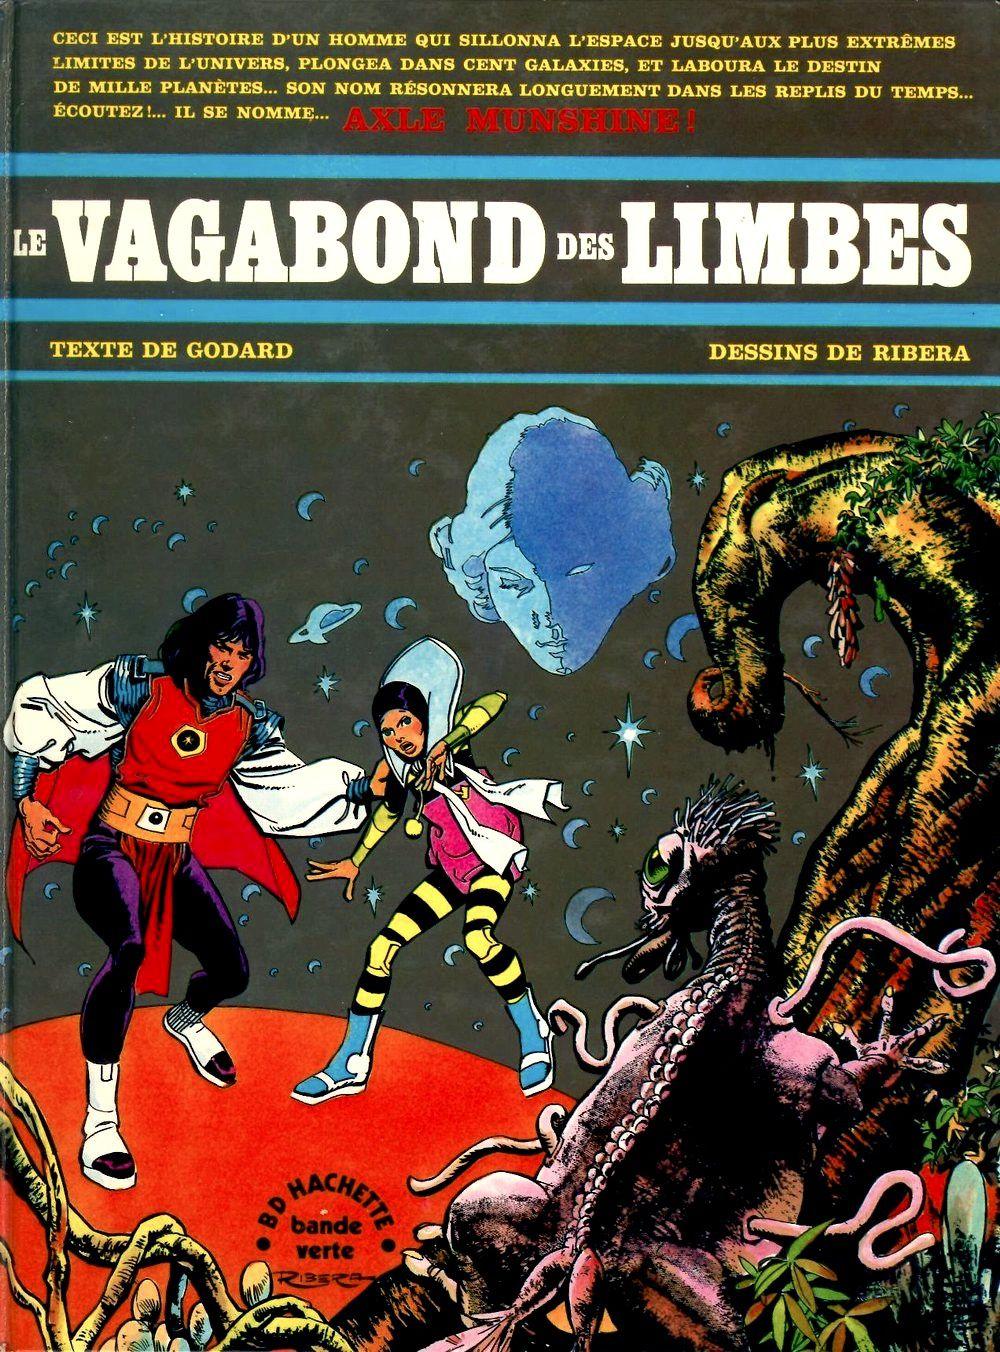 vagabond des limbes - godard & ribera